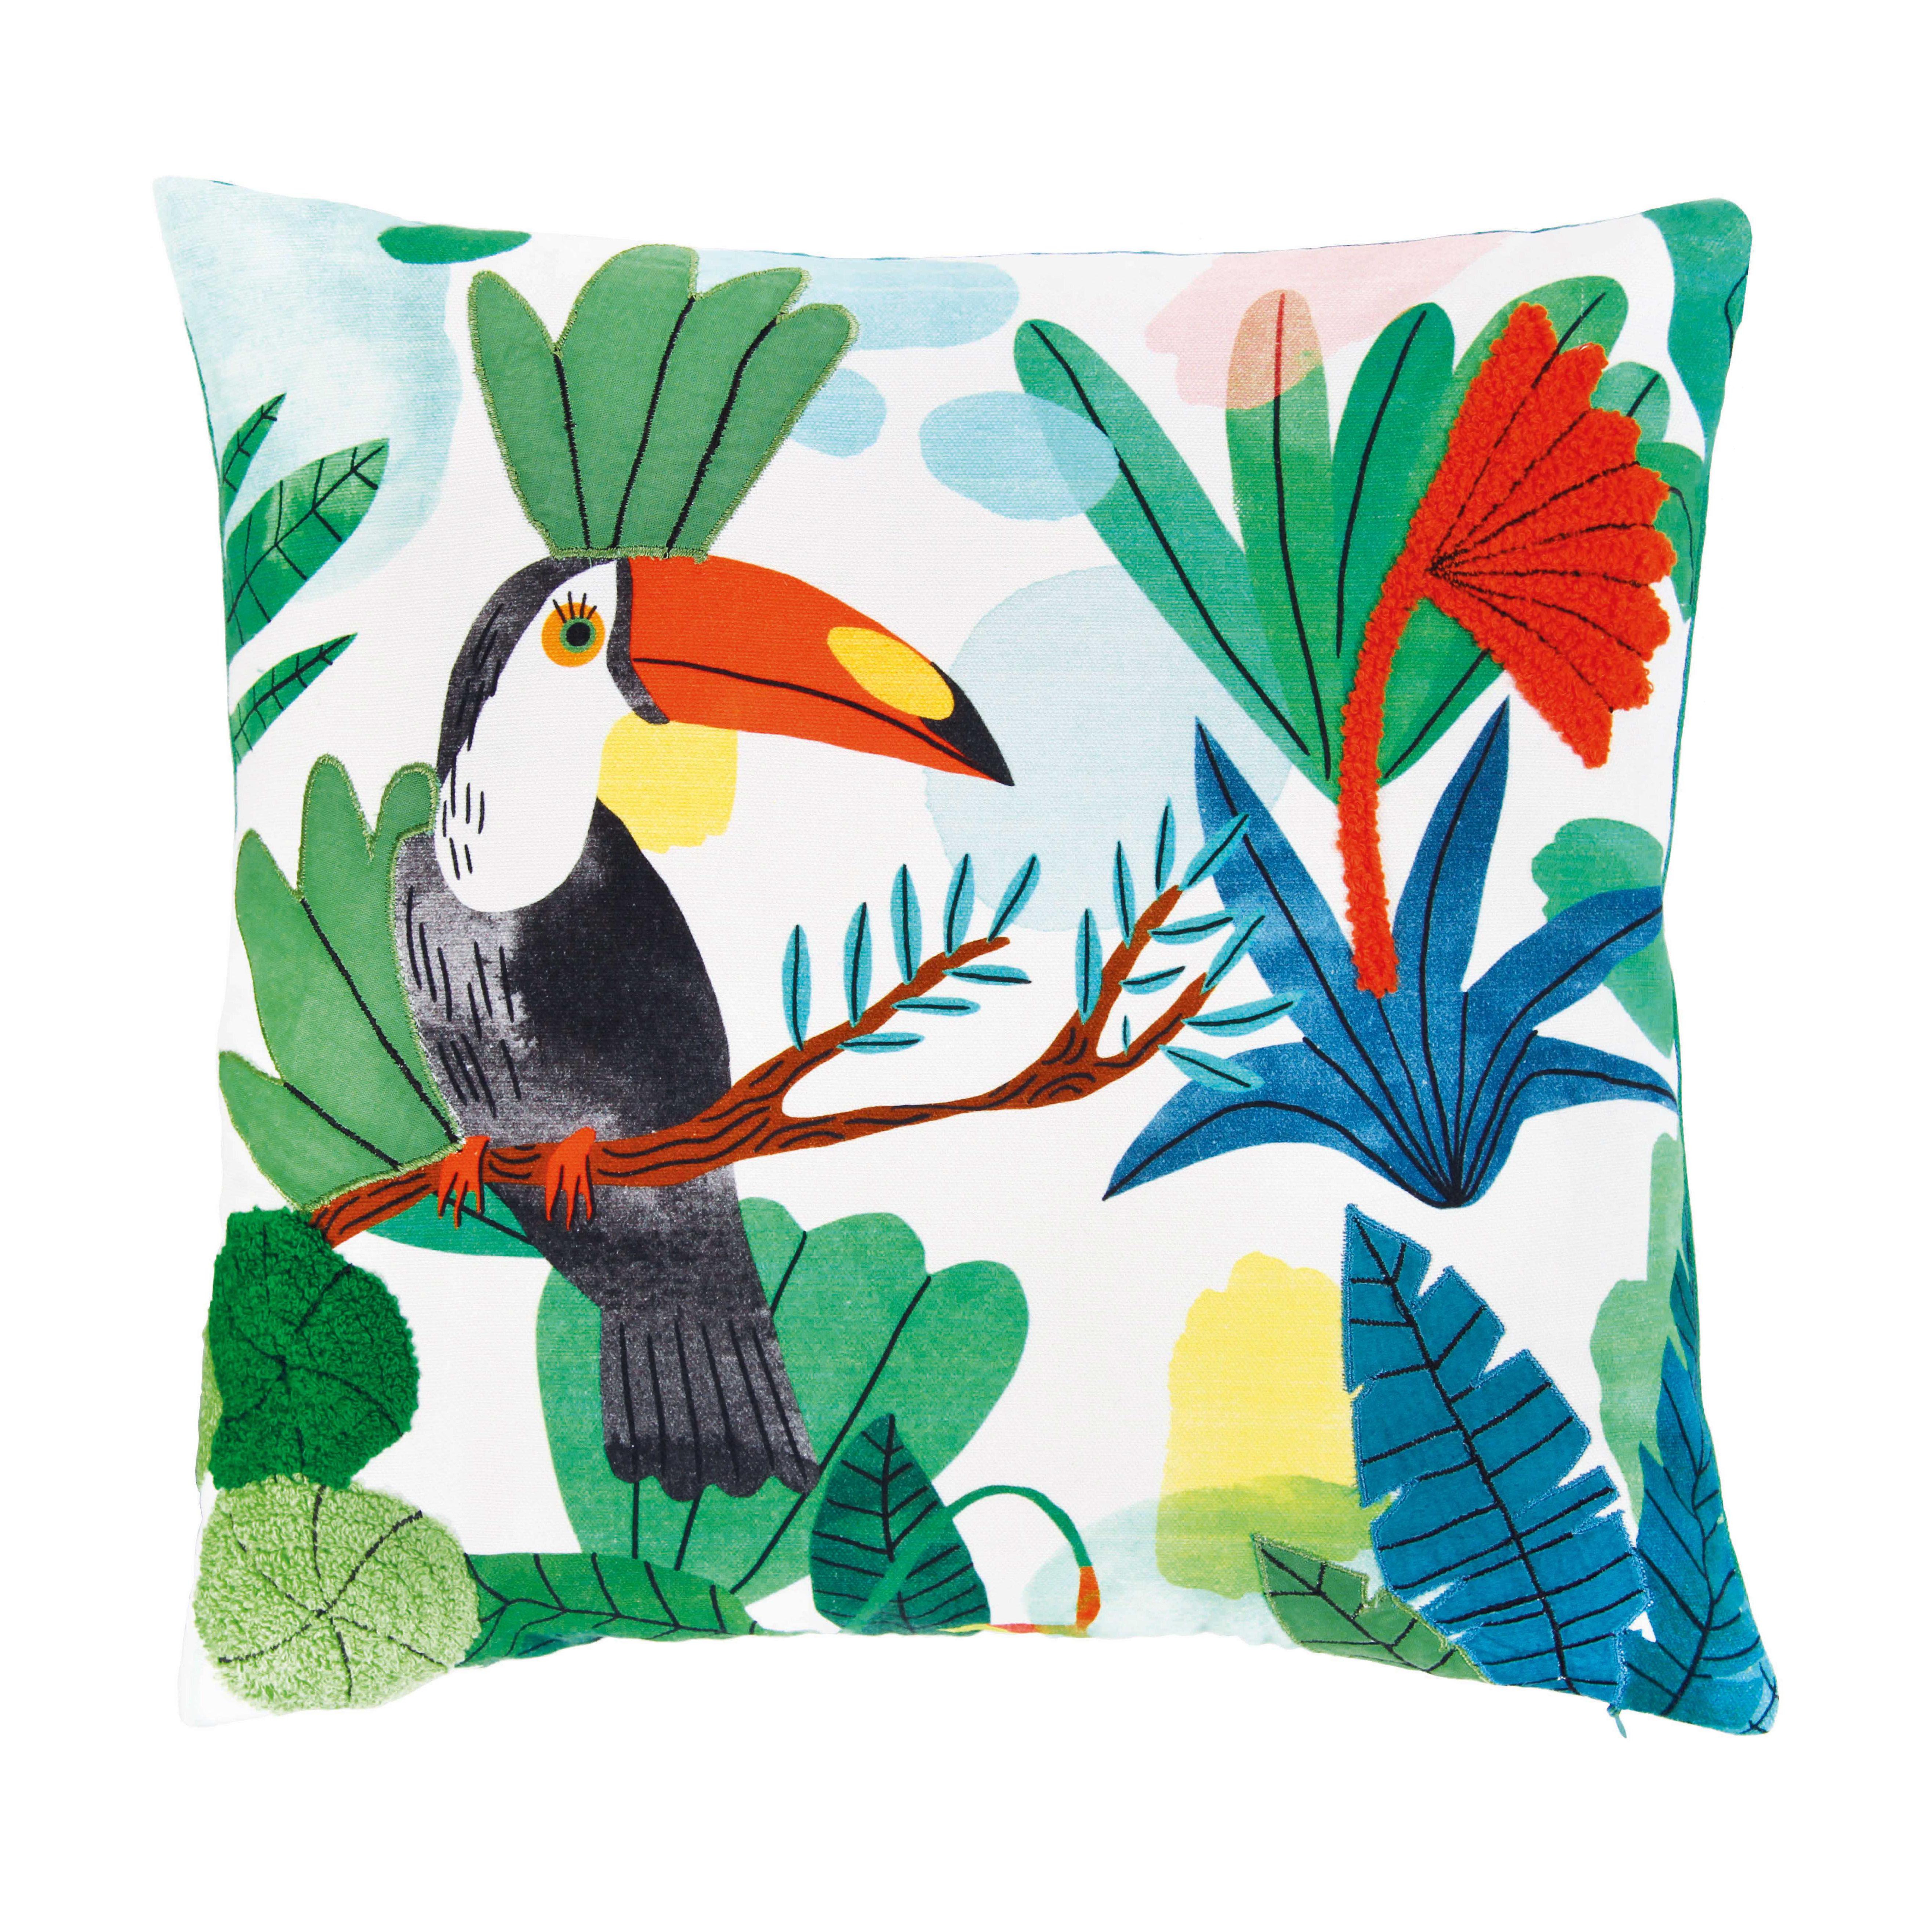 Decoration - Cushions & Poufs - Bodil Cushion - / 40 x 40 cm - Toucan by & klevering - 40 x 40 / Toucan - Cotton